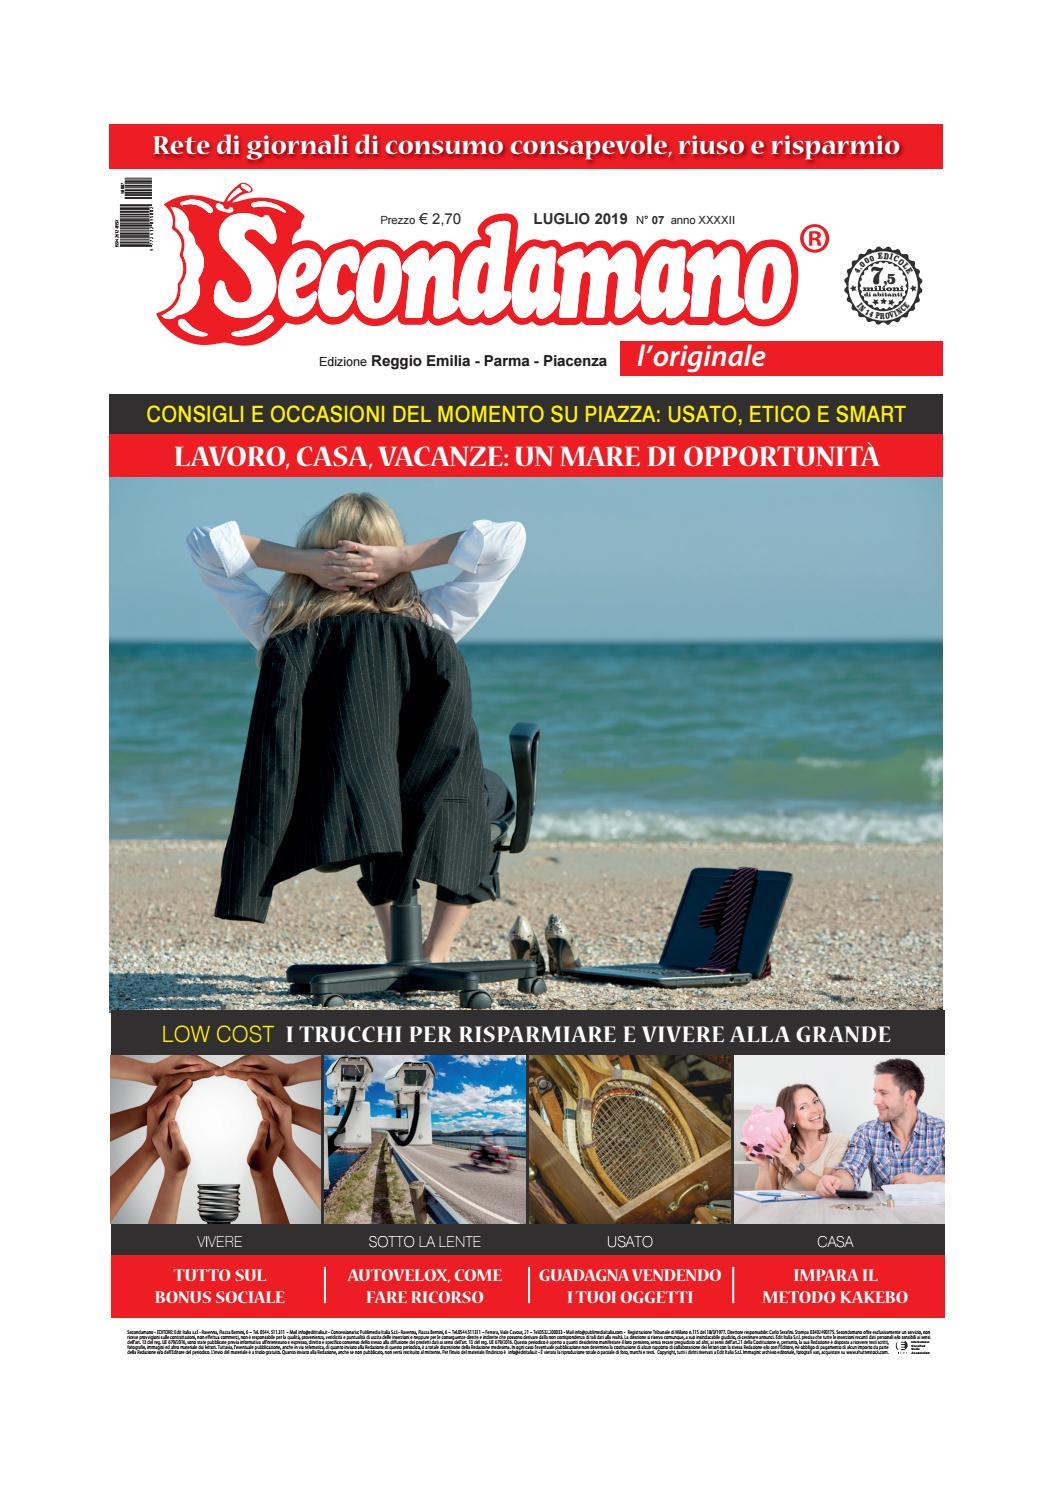 Secondamano Parma Piacenza Reggio Emilia Luglio 2019 By Edit